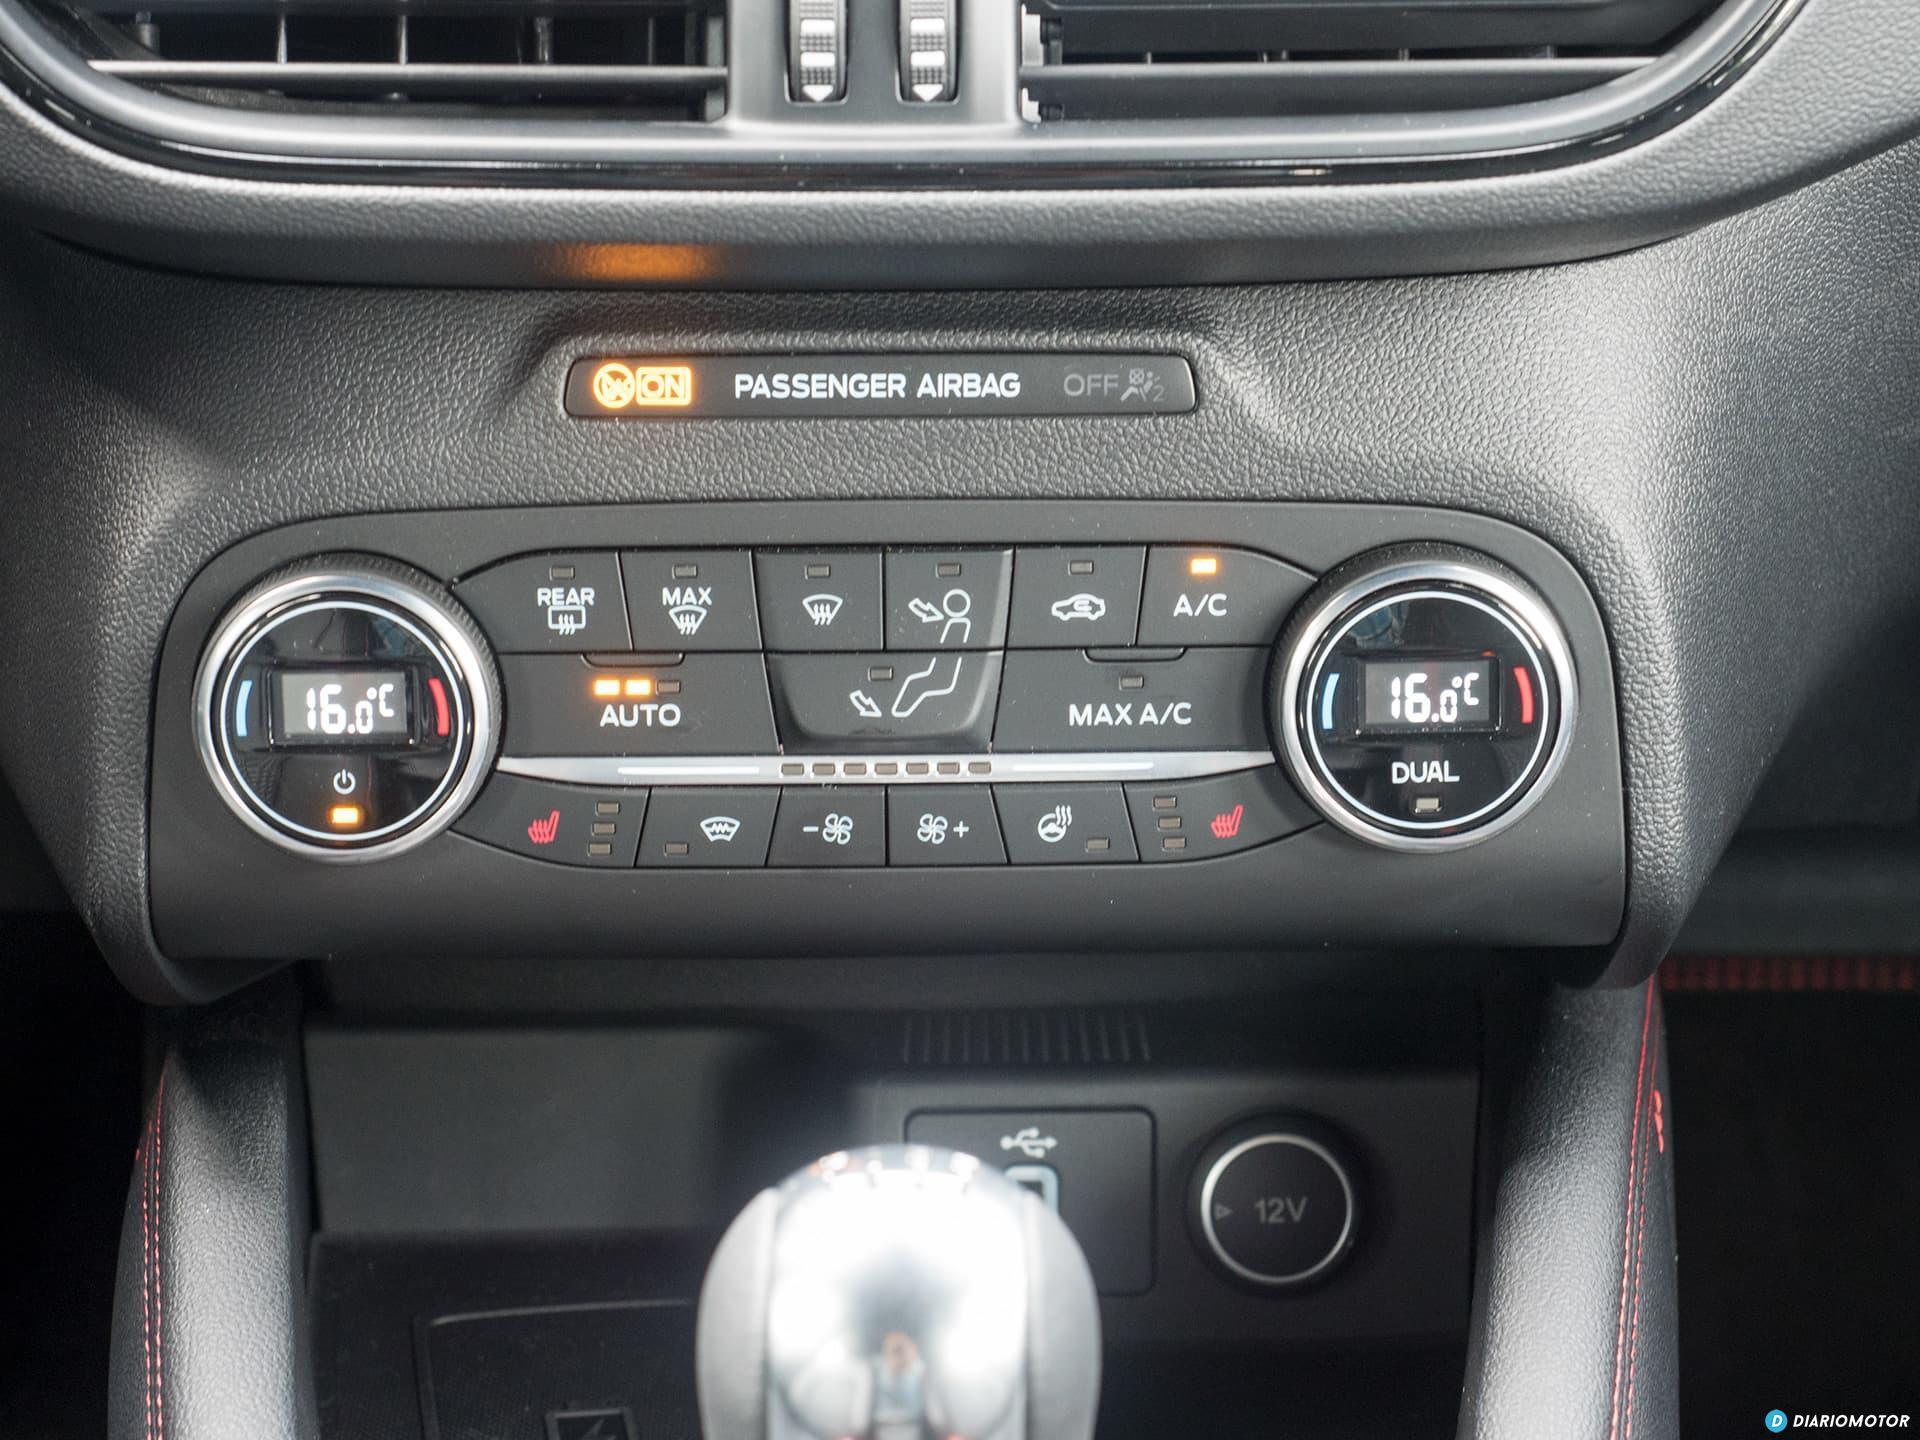 Ford Focus 2018 Interior 00007